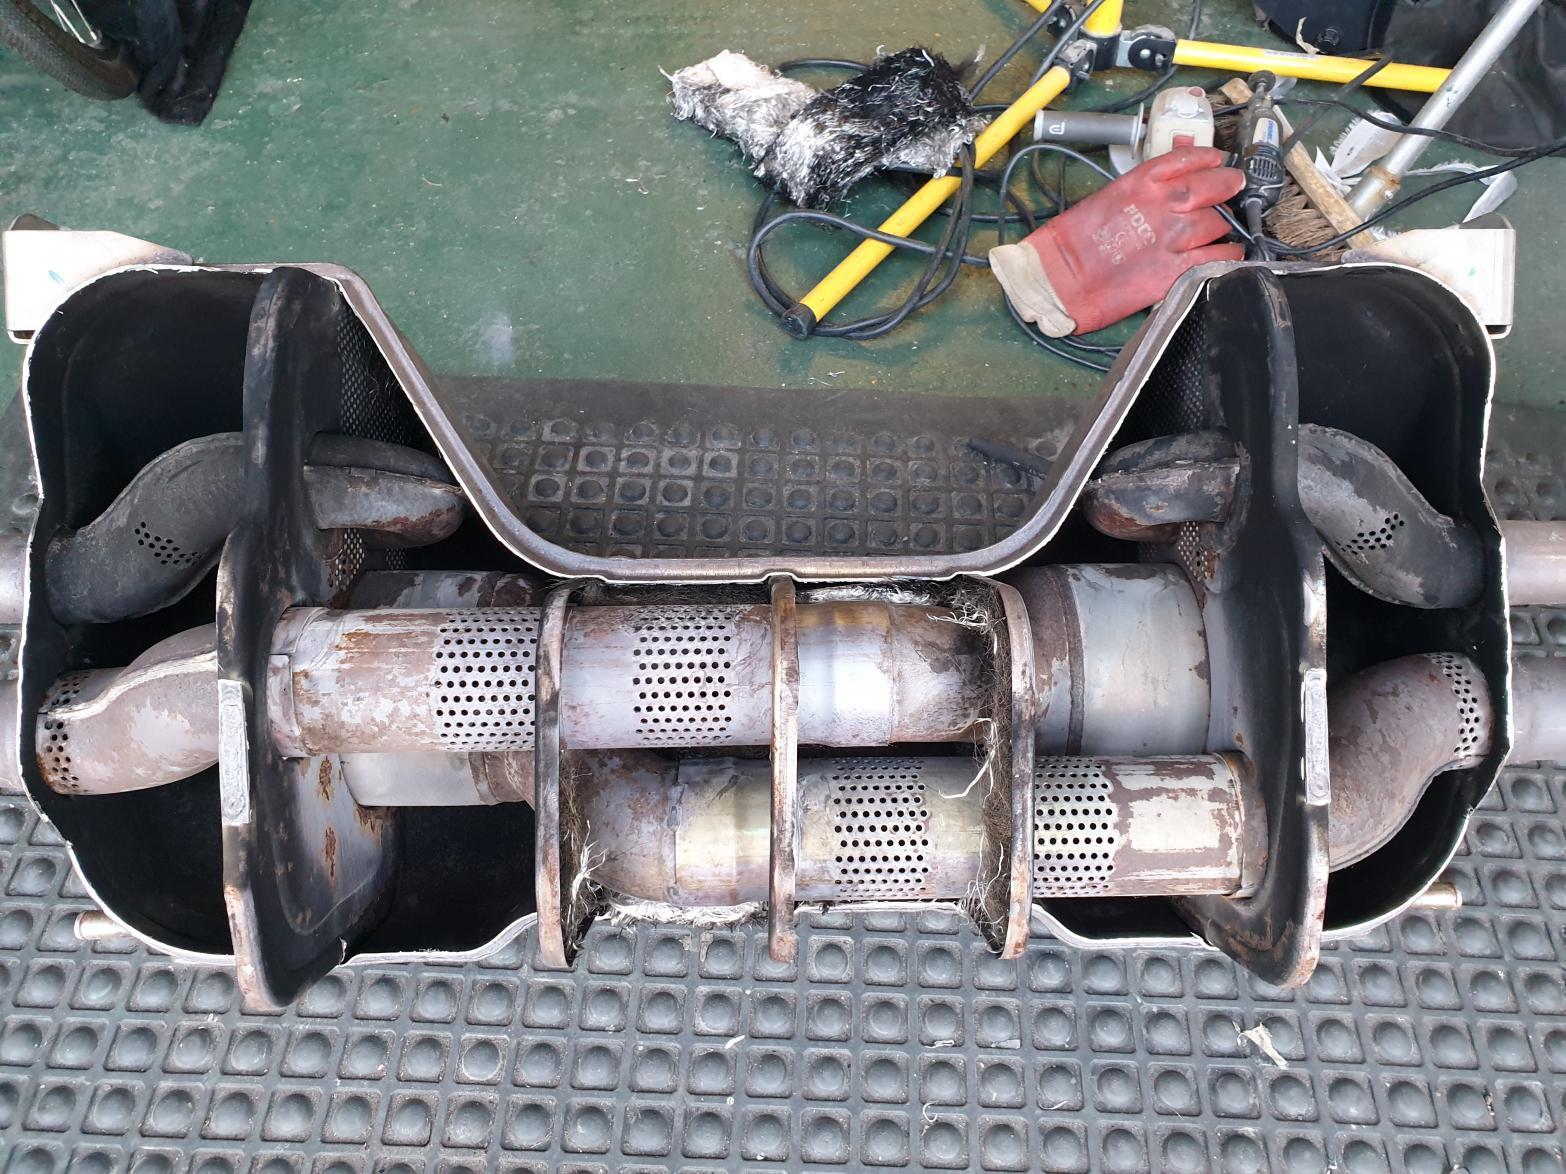 Depacking Stock V8 Exhaust.-20190330_172031.jpg